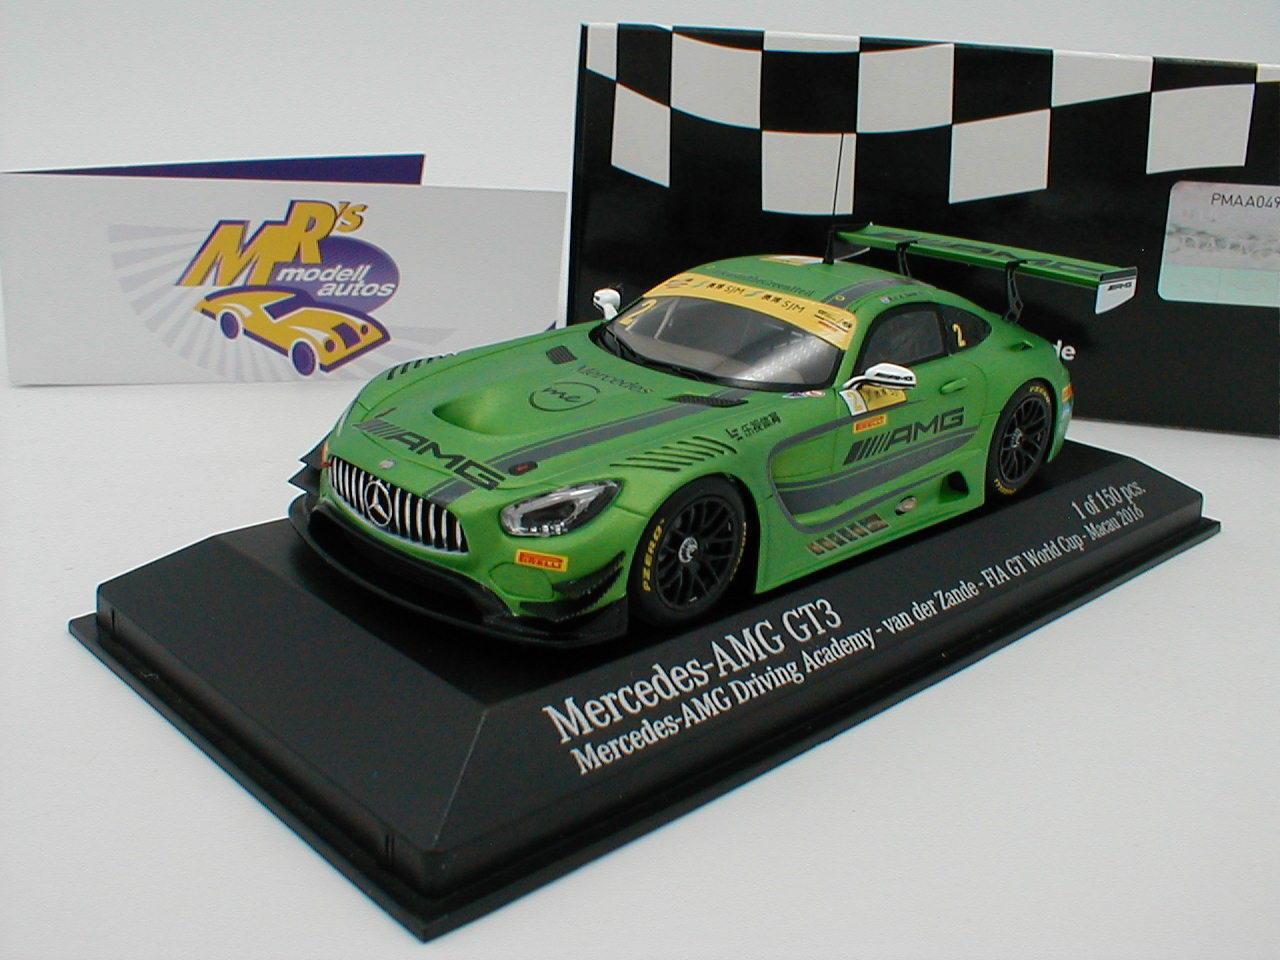 MINICHAMPS MINICHAMPS MINICHAMPS 437163102-Mercedes-Benz AMG gt3 No. 2 Macao GP 2016 V. D. Zande 1 43 de690a